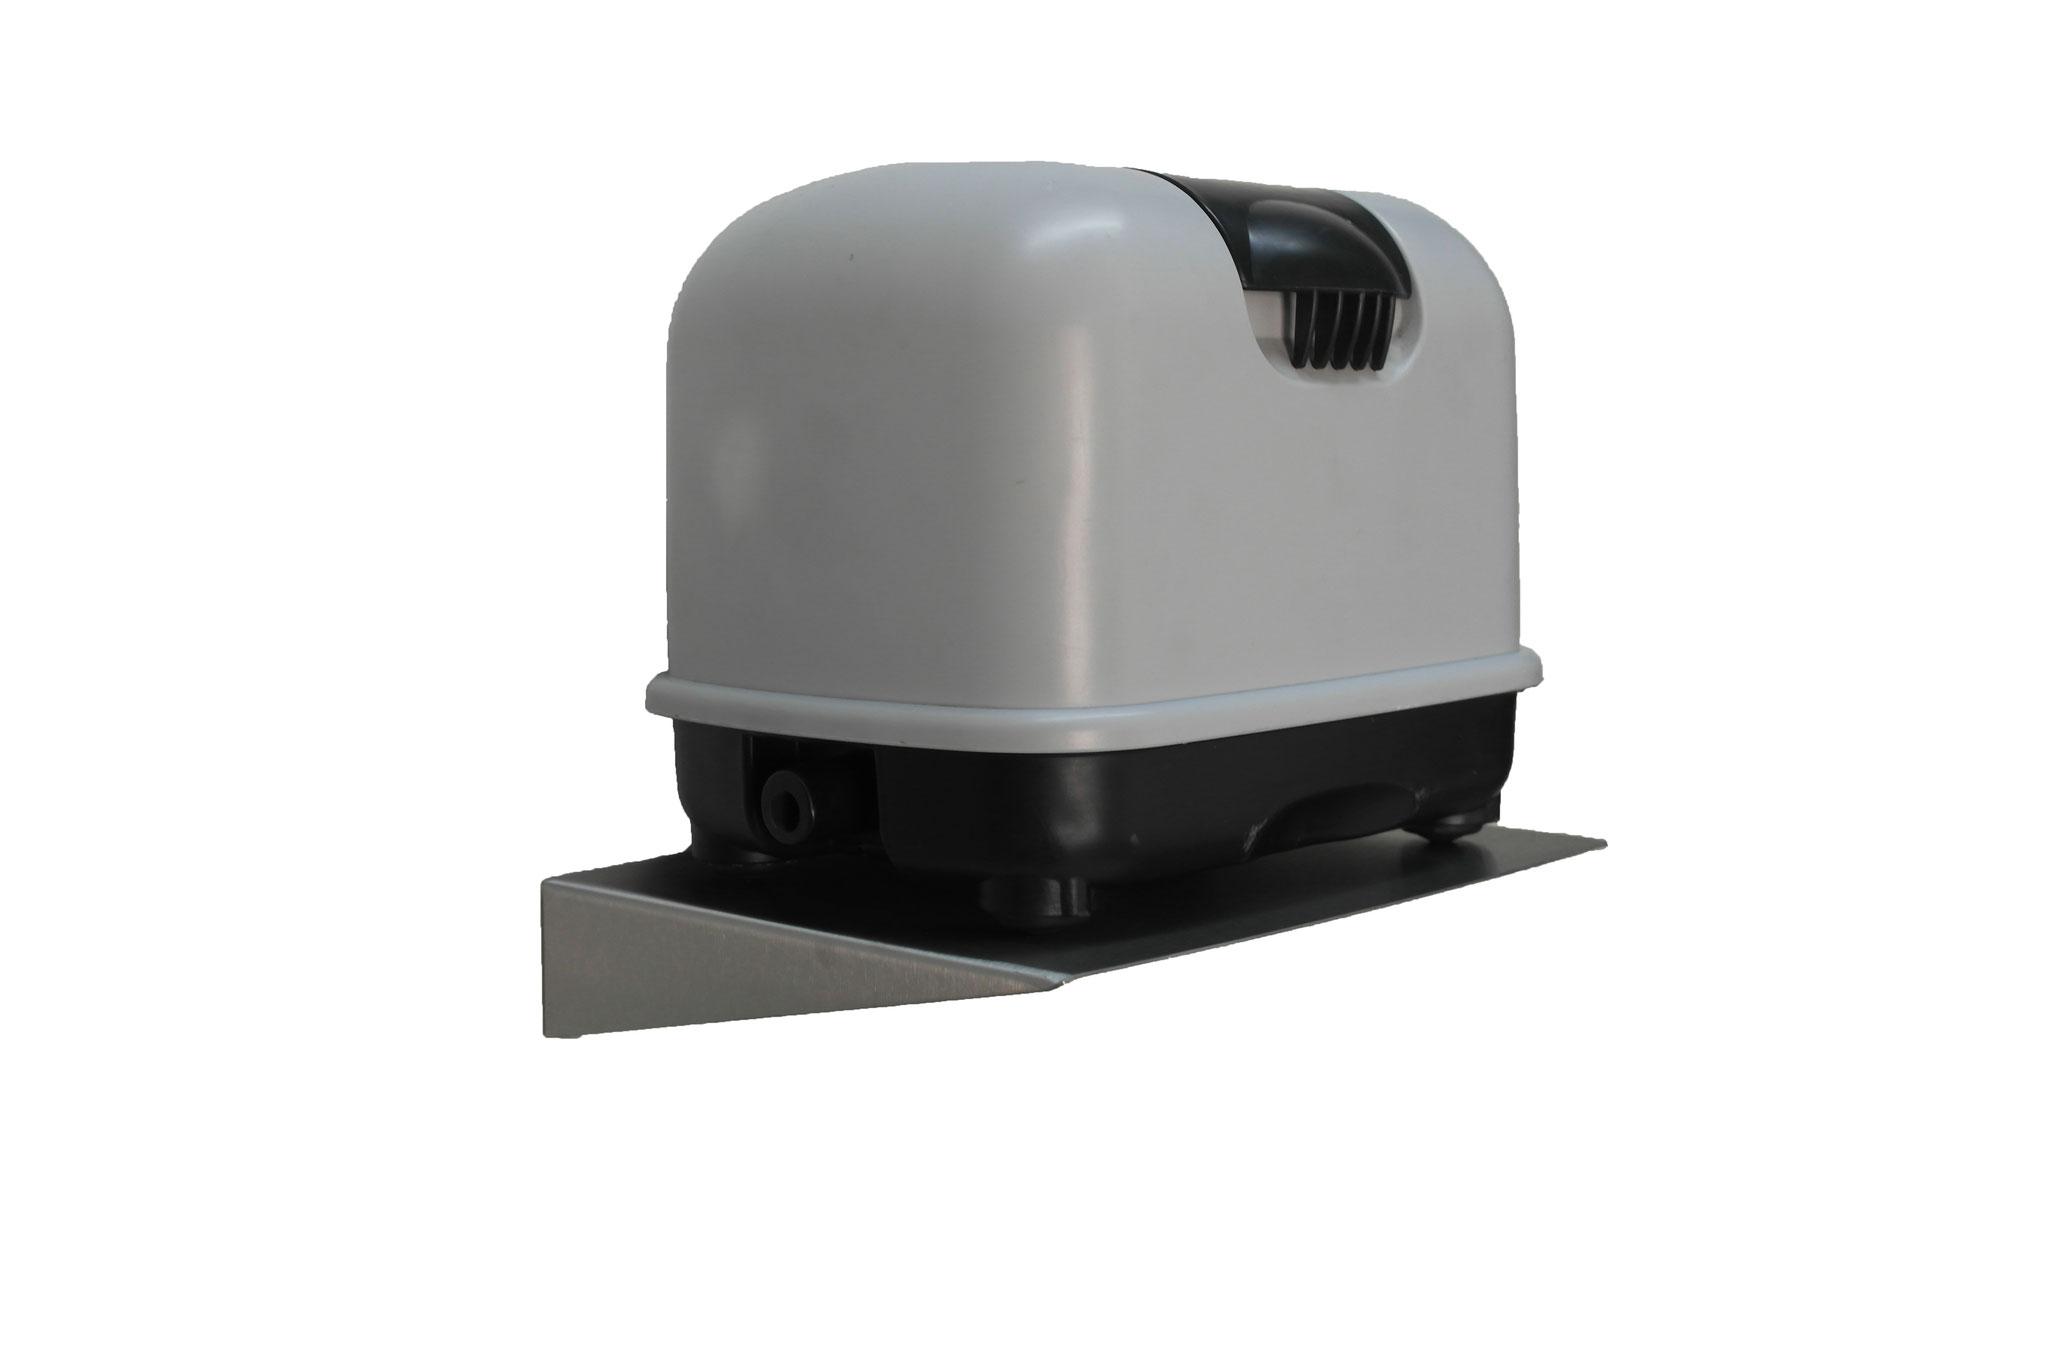 Hiblow Luftpumpen Konsole 300mm